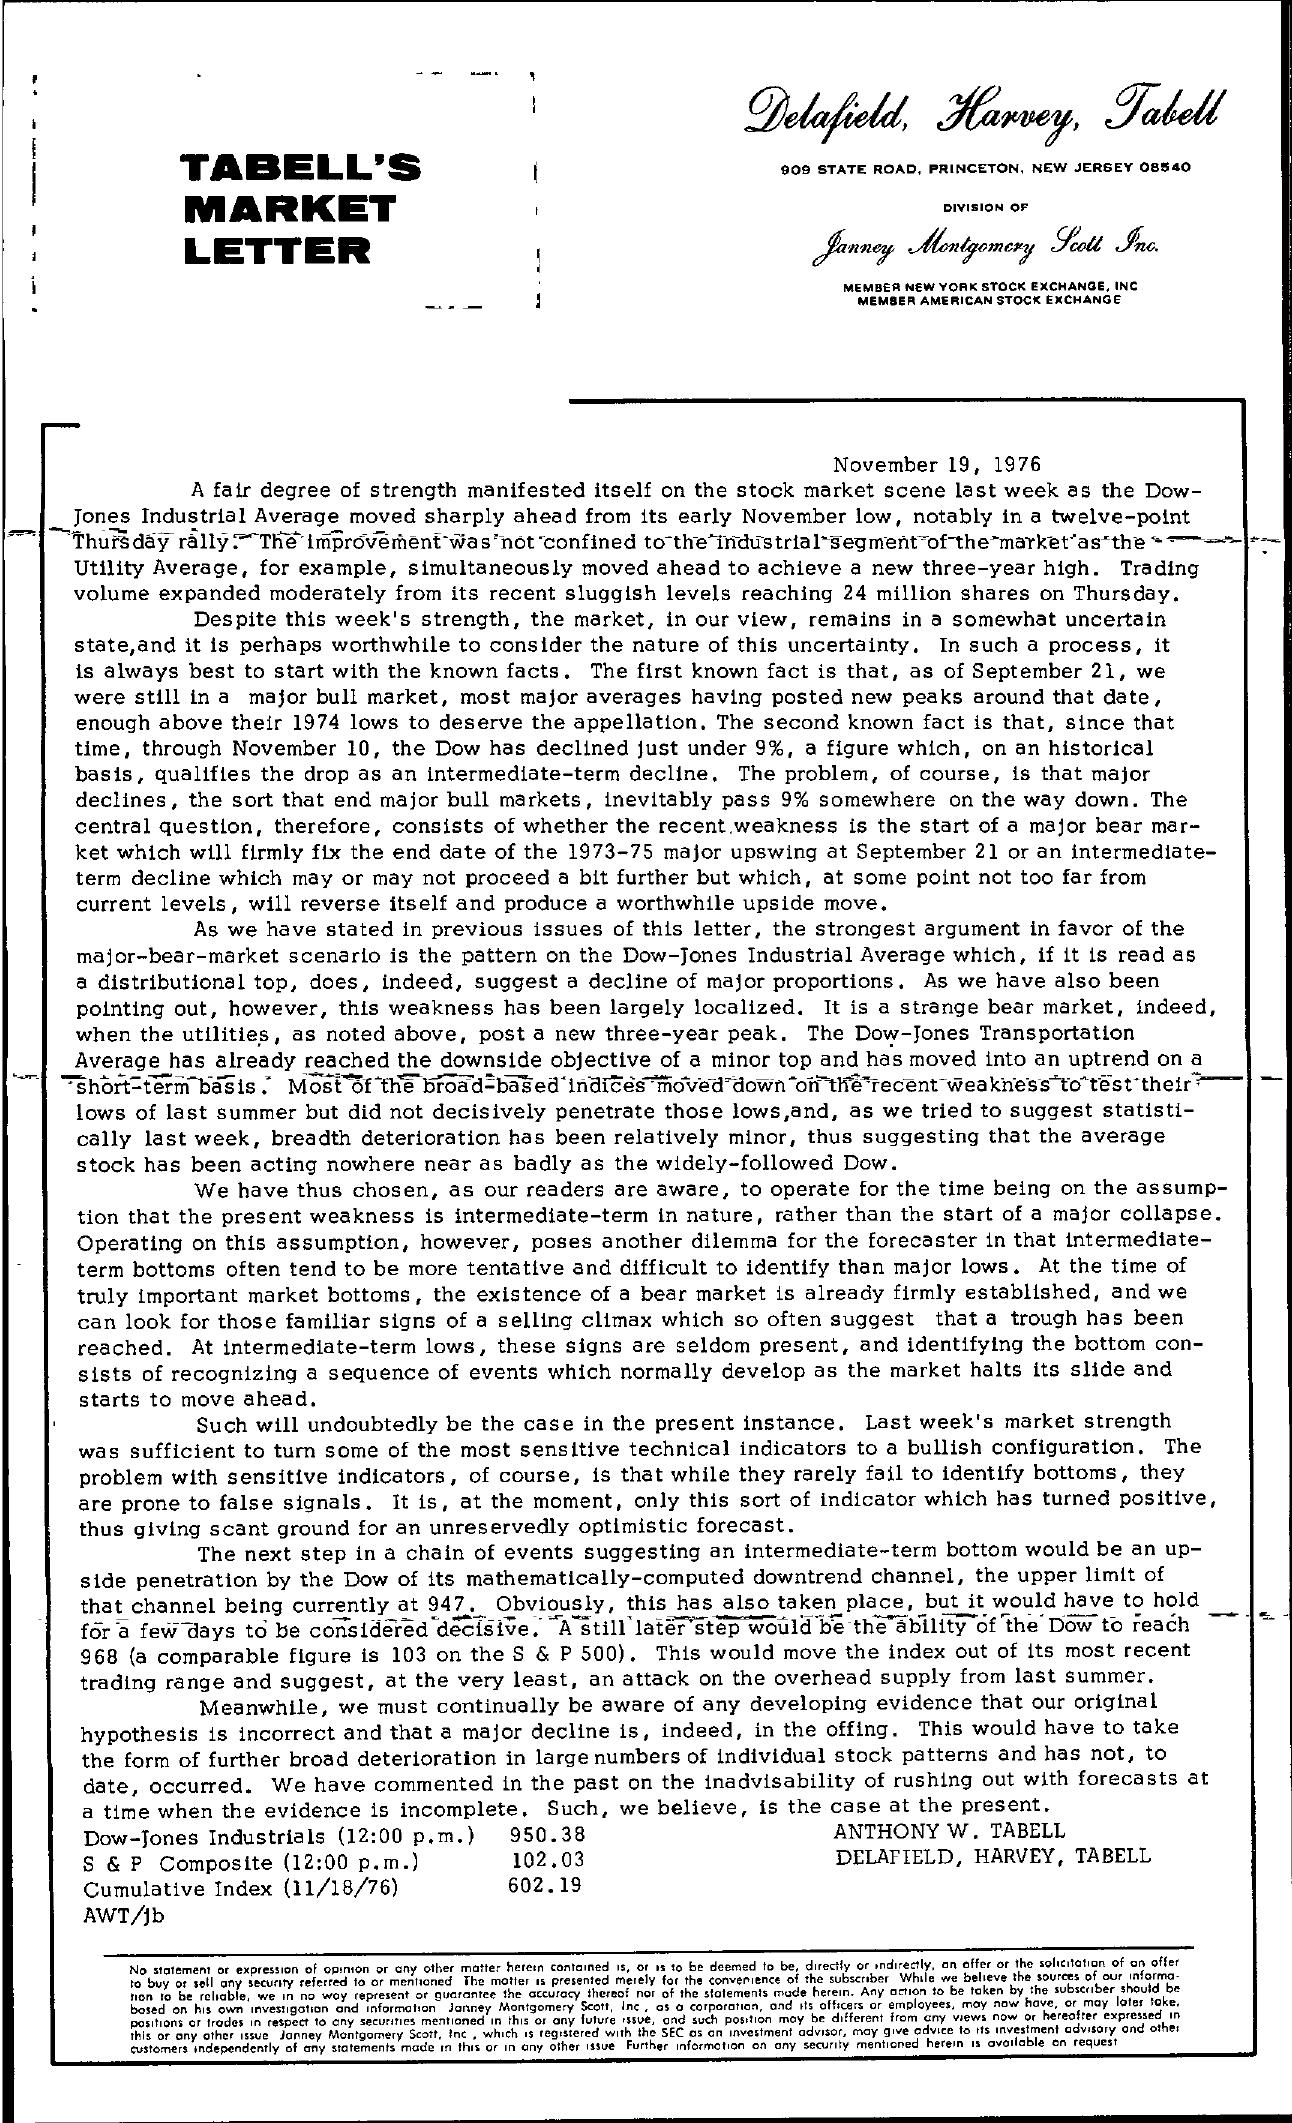 Tabell's Market Letter - November 19, 1976